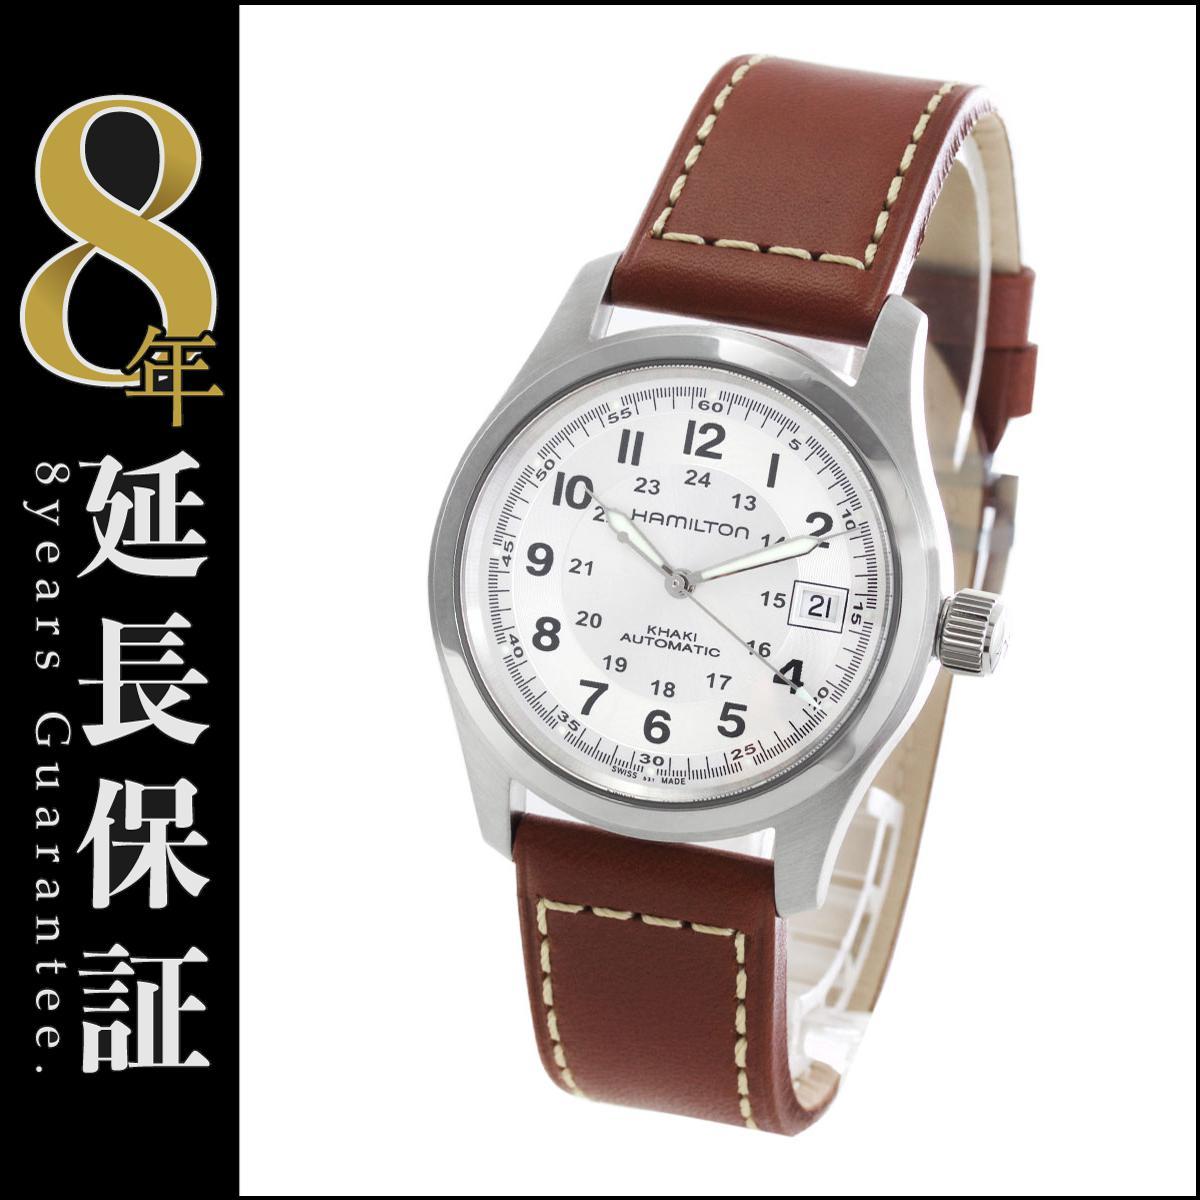 ハミルトン HAMILTON 腕時計 カーキ フィールド オート ユニセックス H70455553_8